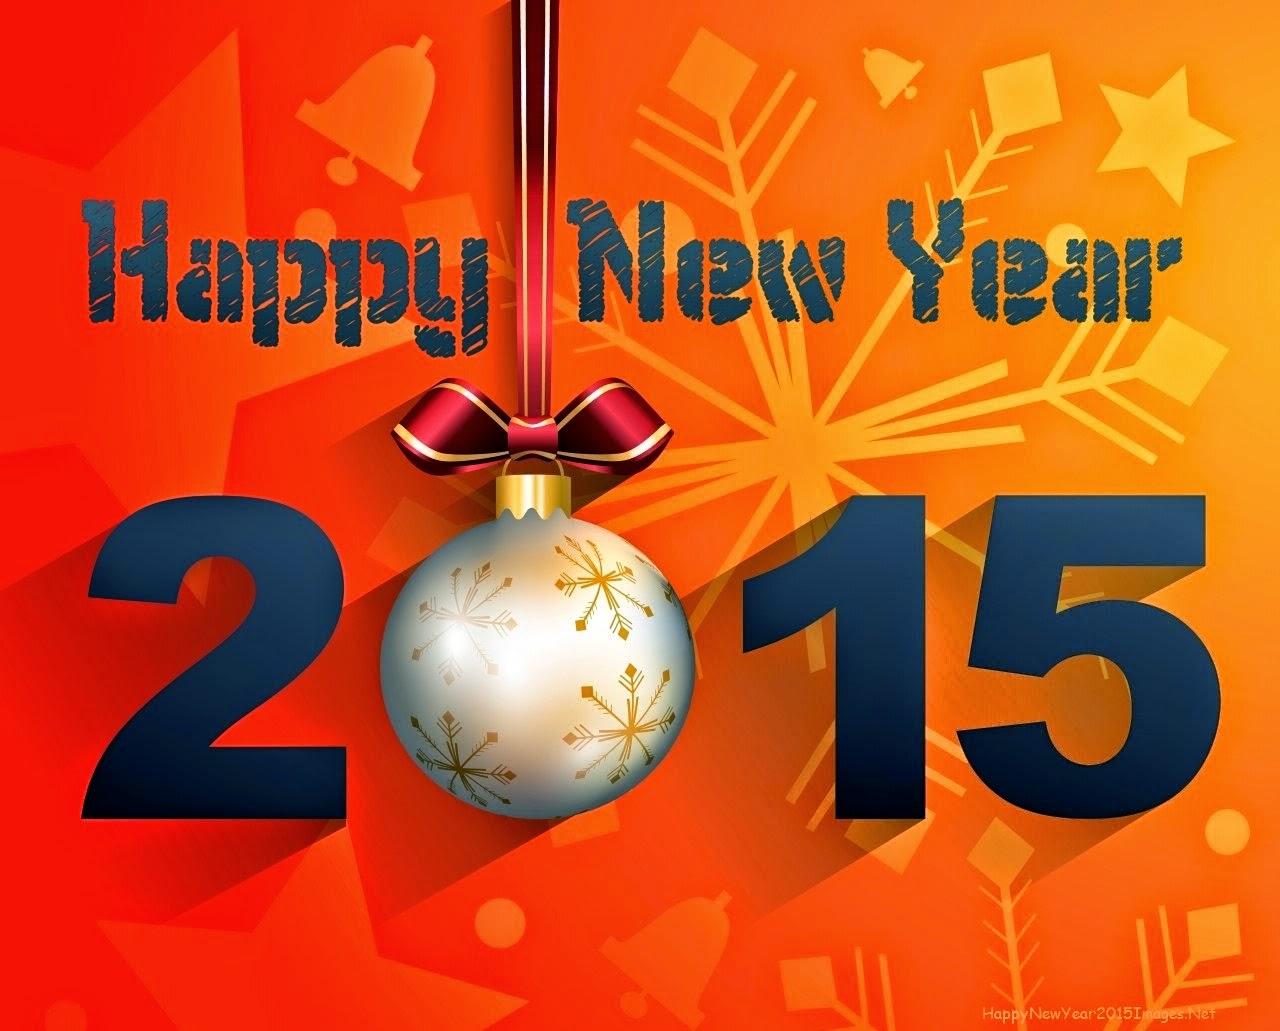 Gambar Animasi Ucapan Tahun Baru 2015 Bergerak Selamat Tahun Baru DP BBM